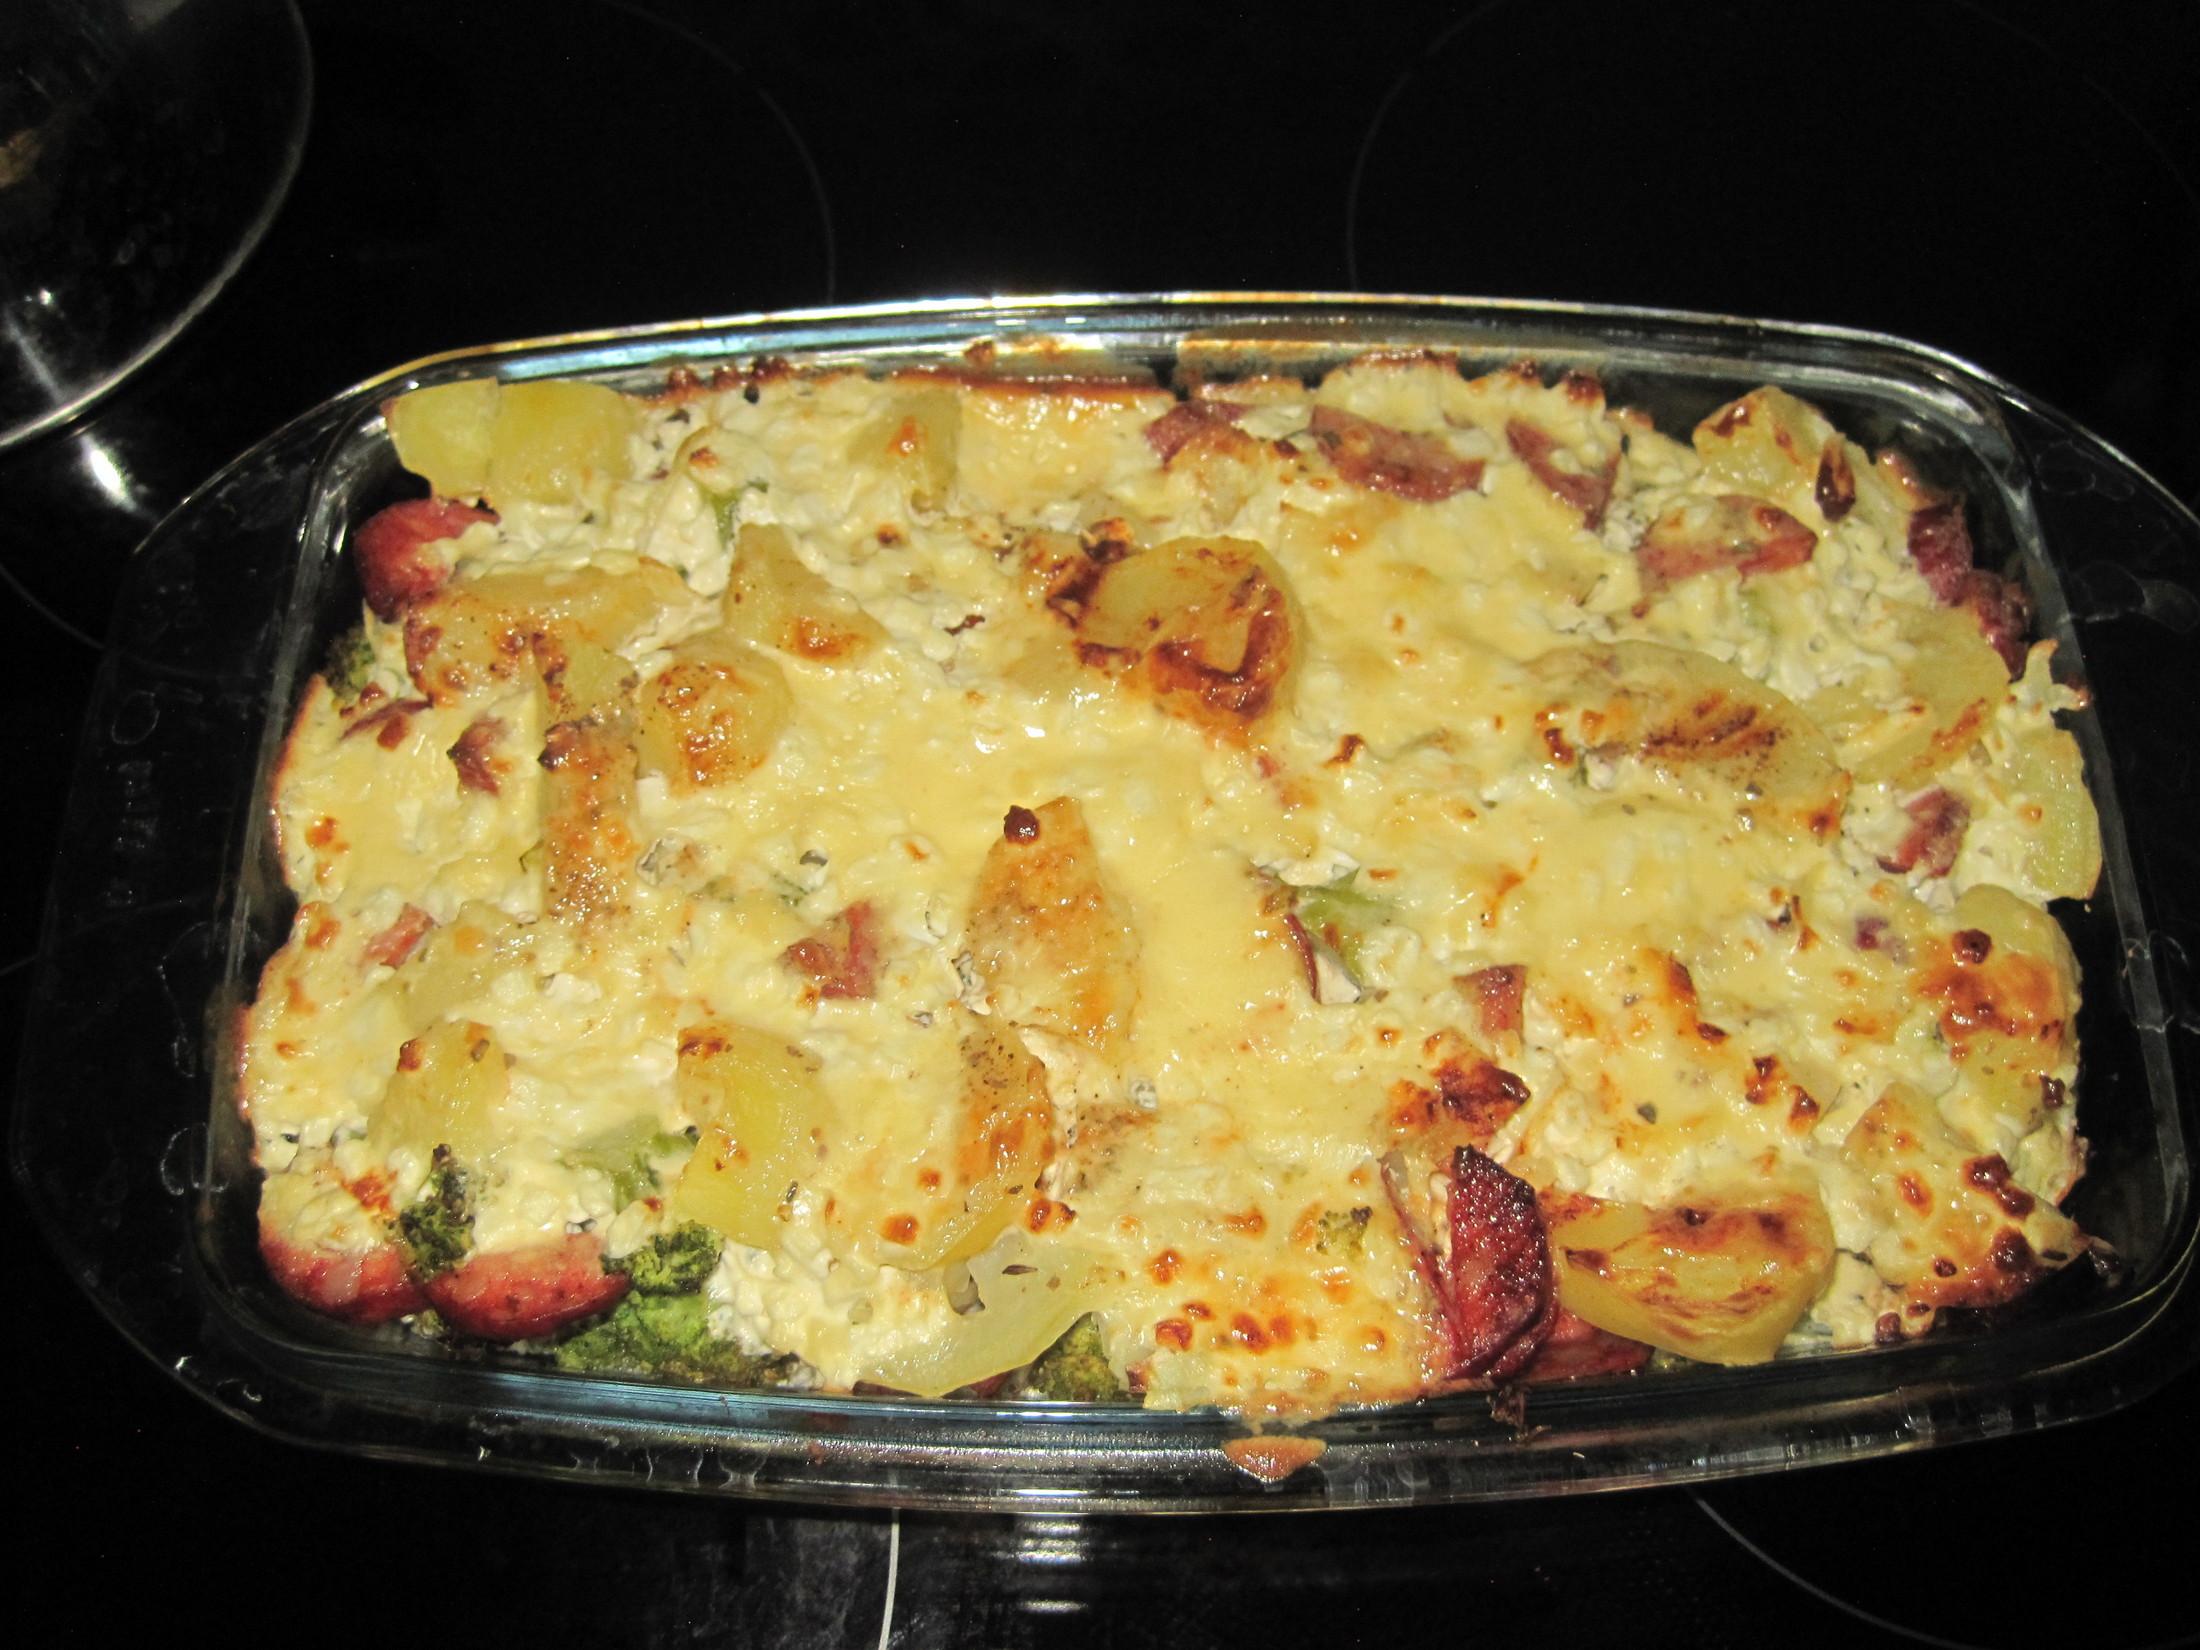 Brambory zapečené s brokolicí a sýrem